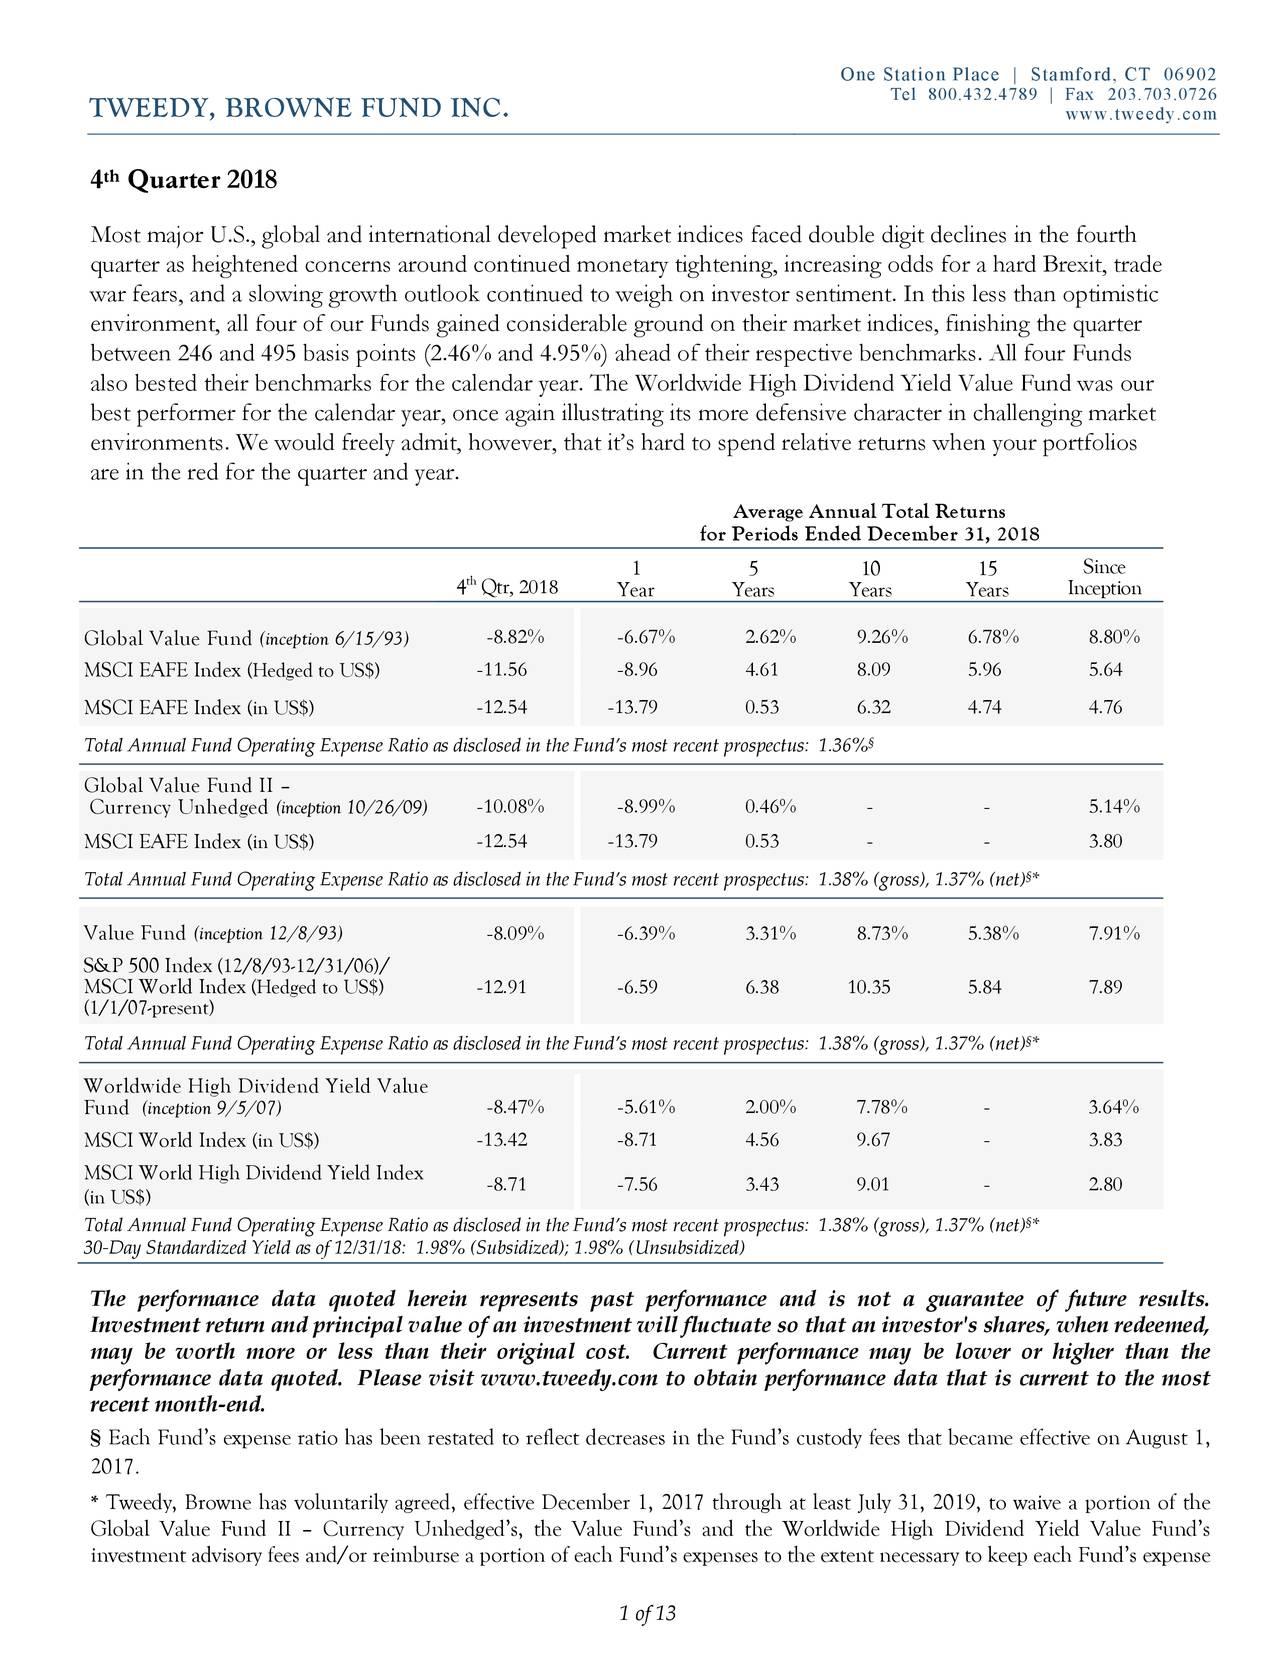 Tweedy, Browne Company LLC 4th Quarter 2018 Letter ...